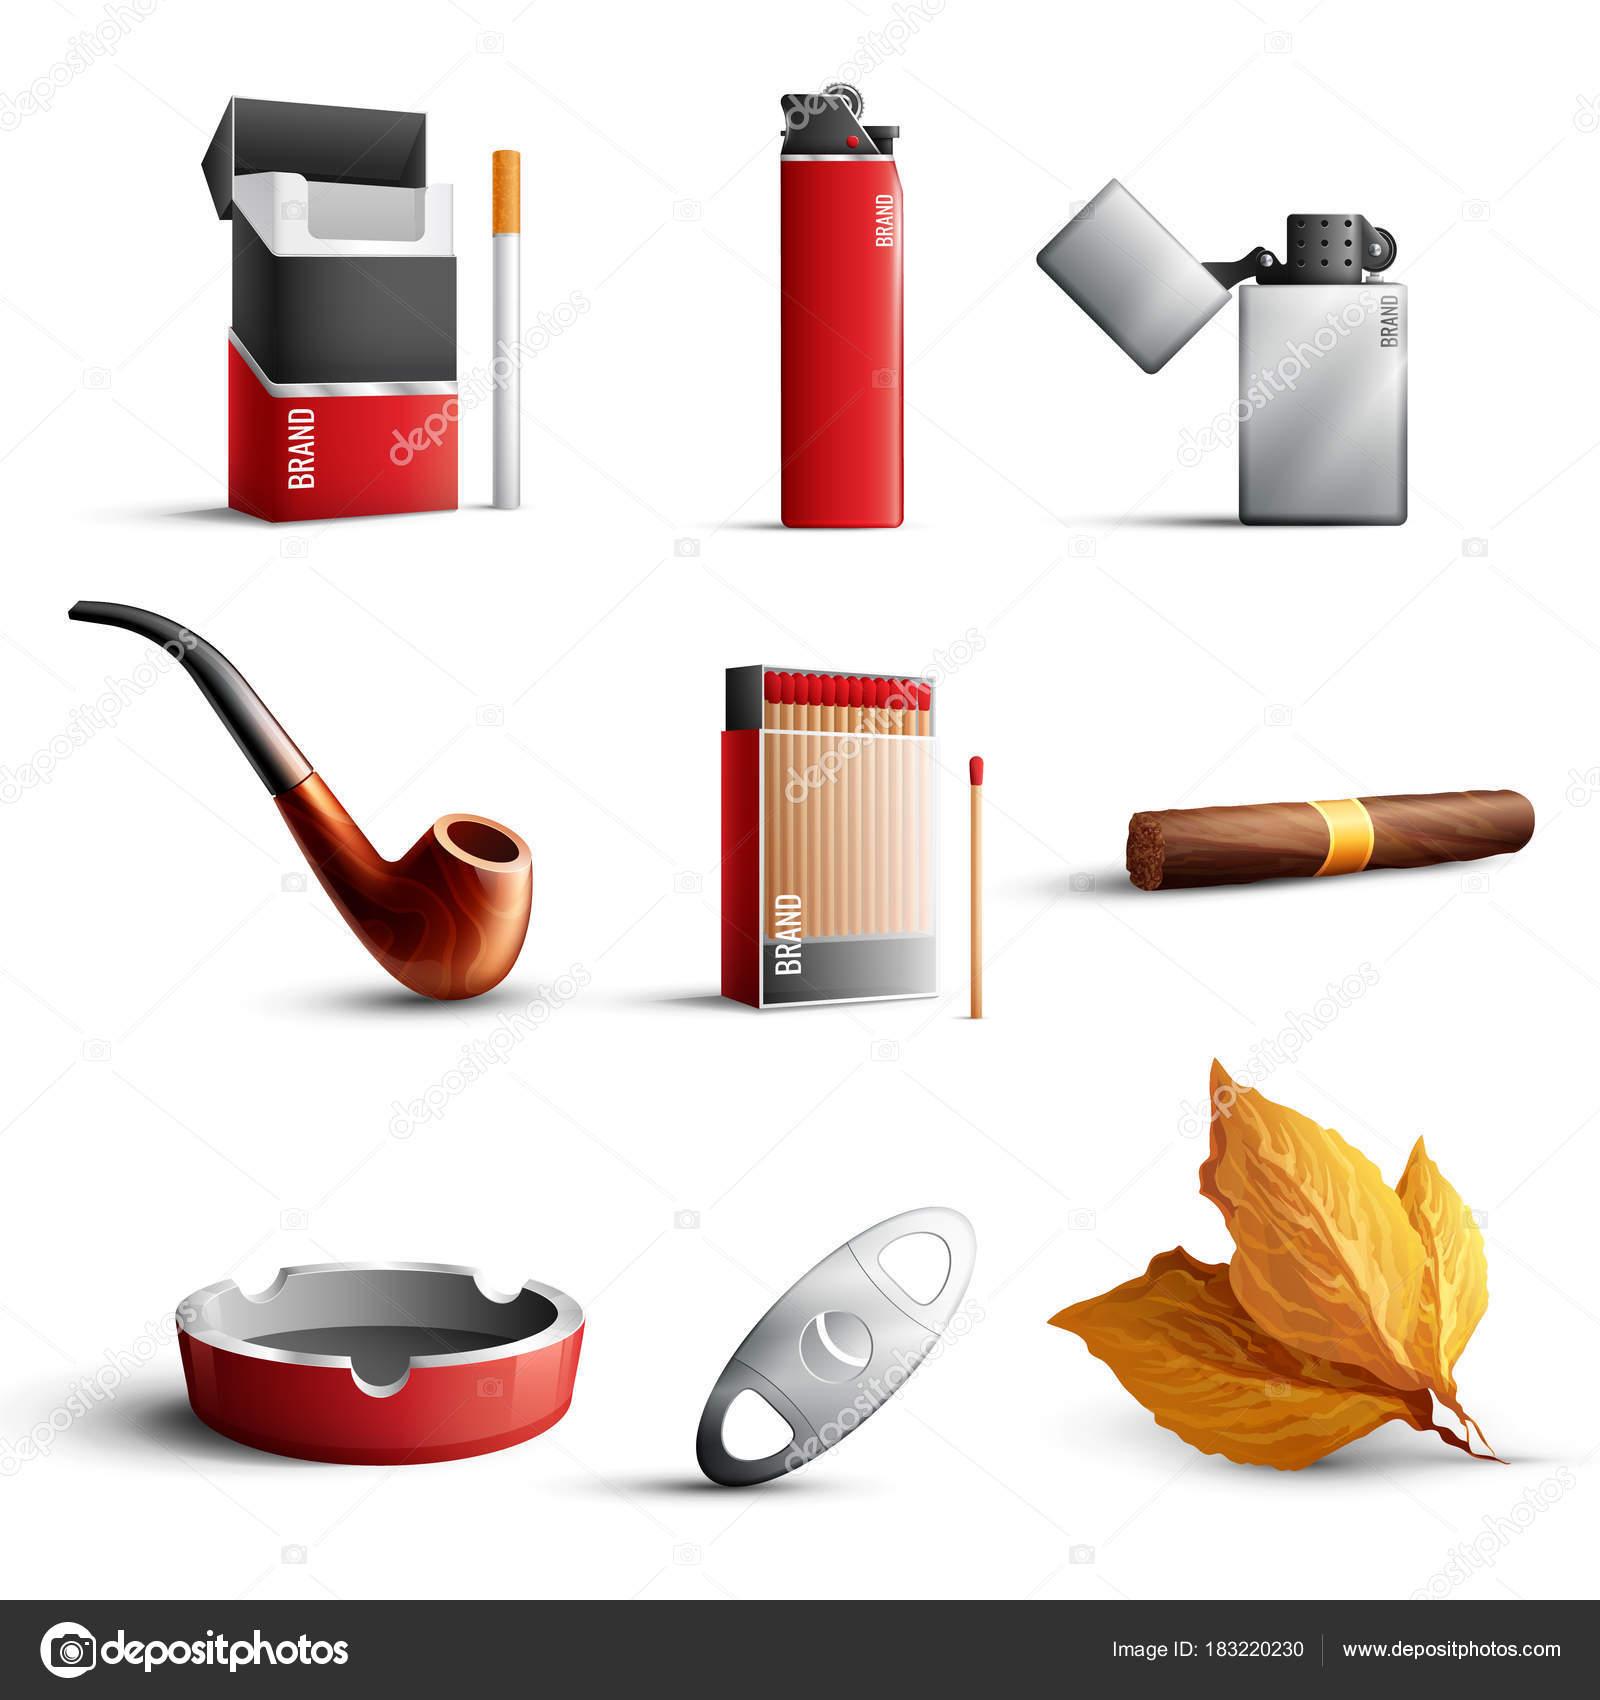 Табачные изделия в картинках купить сигареты winston xstyle blue